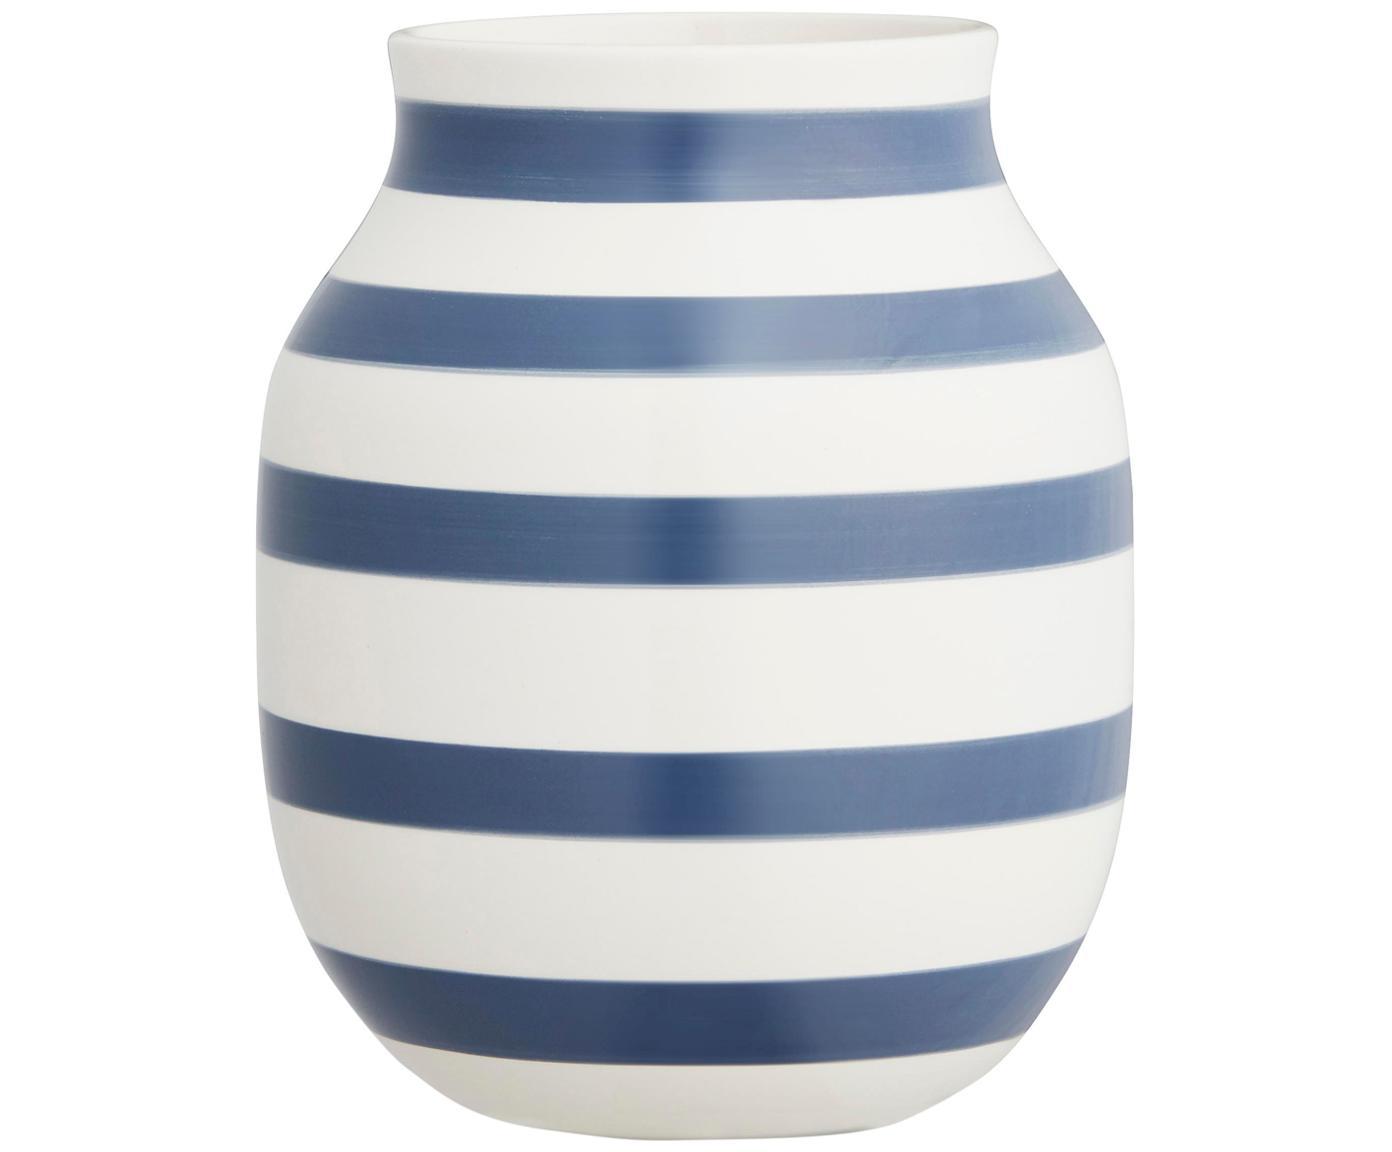 Vaso di design fatto a mano Omaggio, Ceramica, Bianco, blu acciaio, Ø 17 x Alt. 20 cm